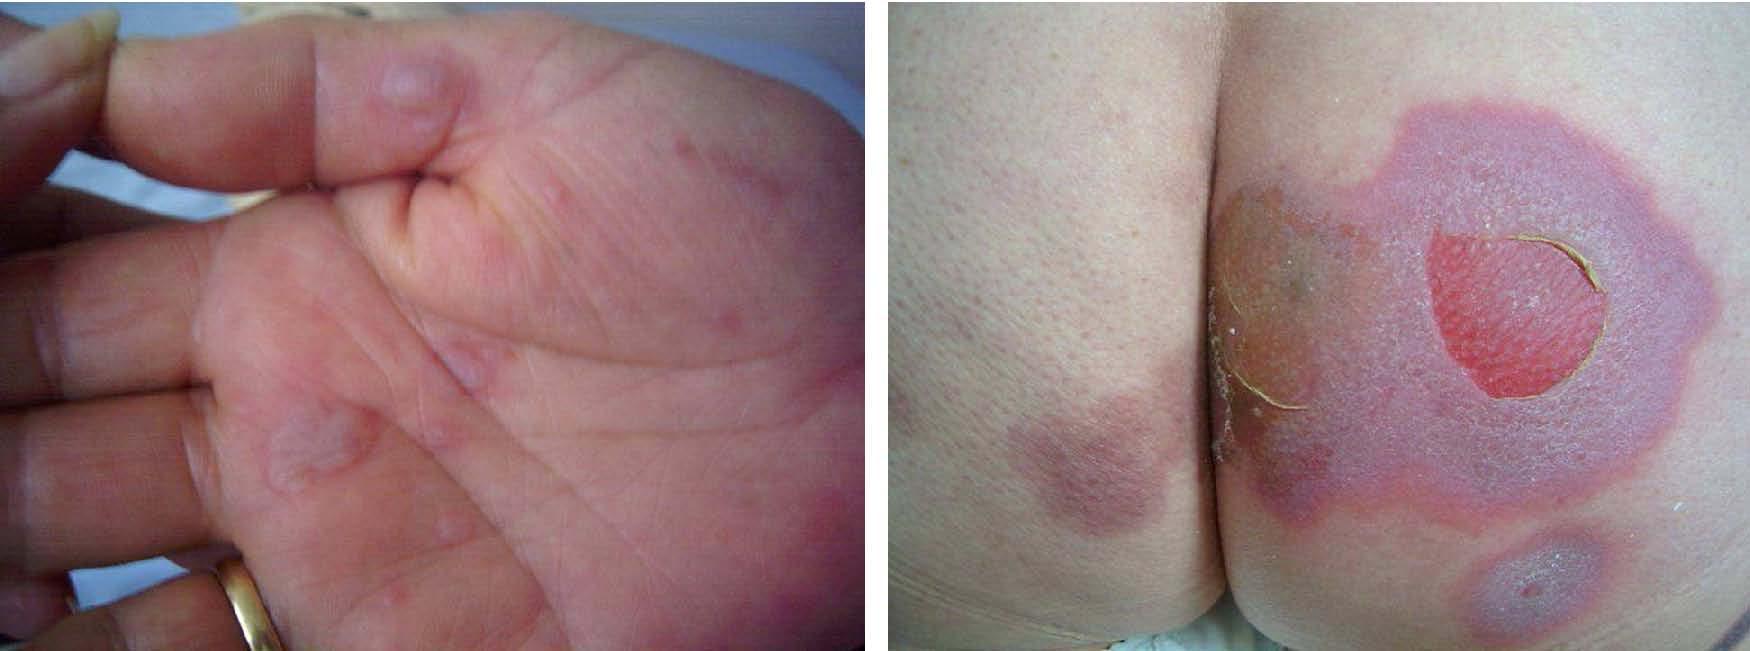 Imagen 47, 48: paciente con lesiones en dianas en manos y zona glútea